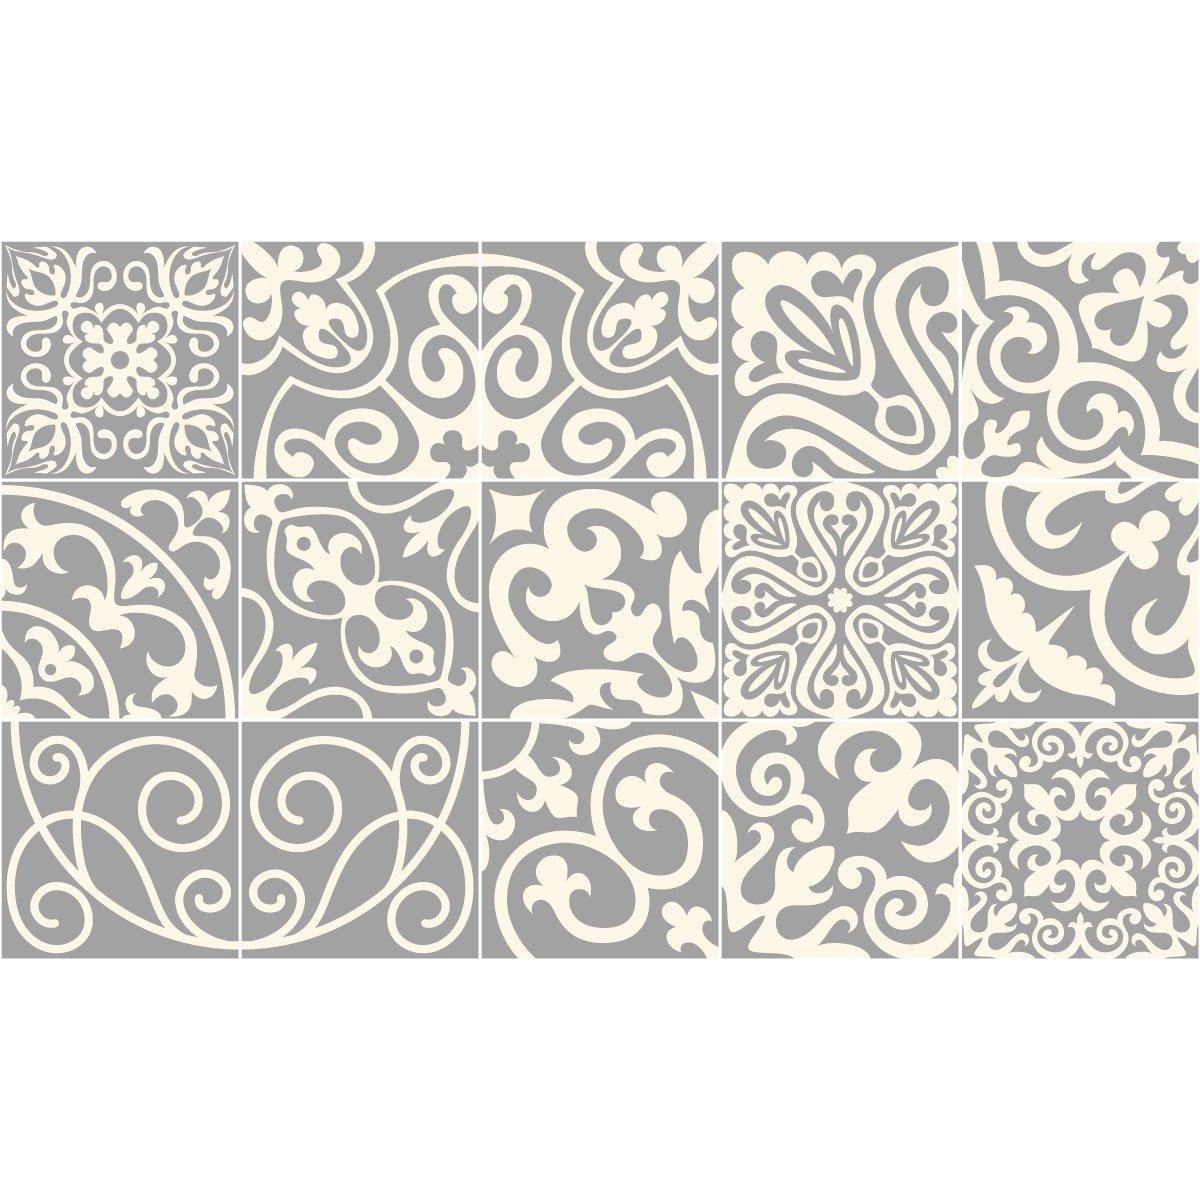 Stickers adh/ésifs carrelages Ambiance-Sticker Set de 15 pi/èces 10 x 10 cm